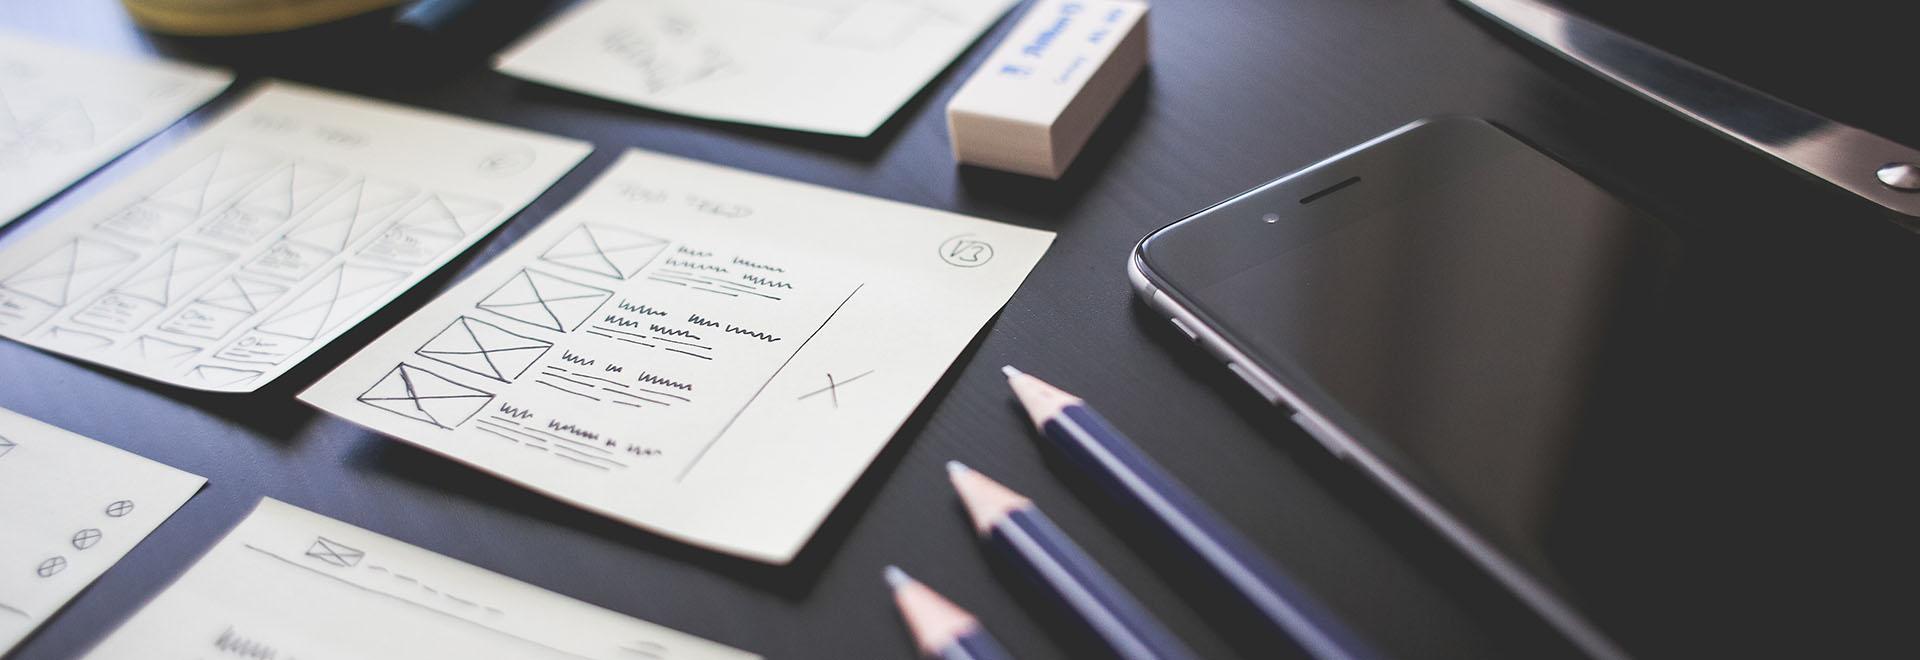 Auf diesem Bild ist sind Bleistifte, Smartphone und Notizzettel zu sehen